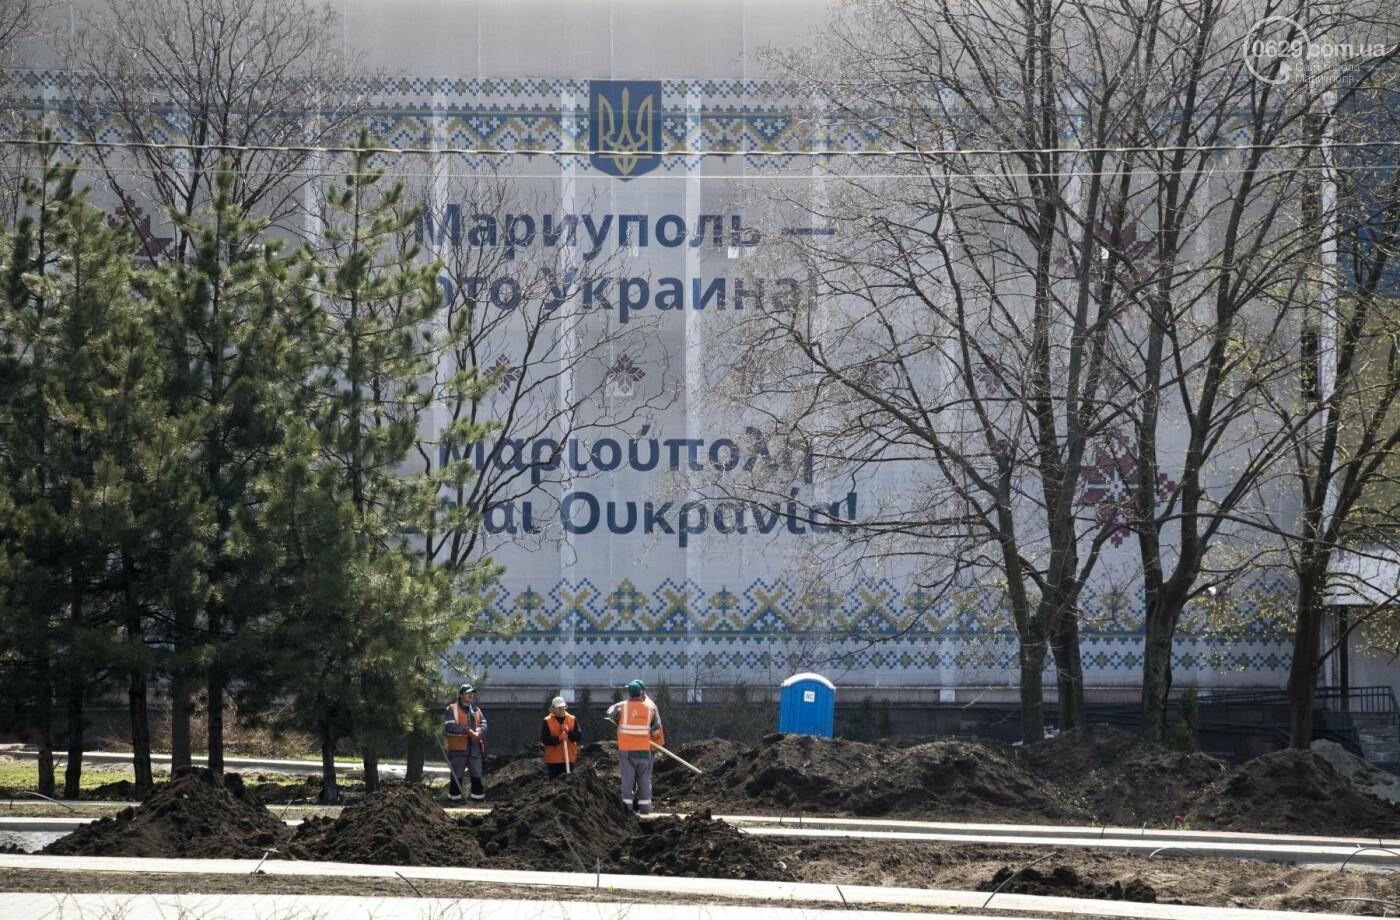 Что осталось от здания мариупольской мэрии, и когда его восстановят (ФОТОРЕПОРТАЖ с руин +ВИДЕО), фото-19